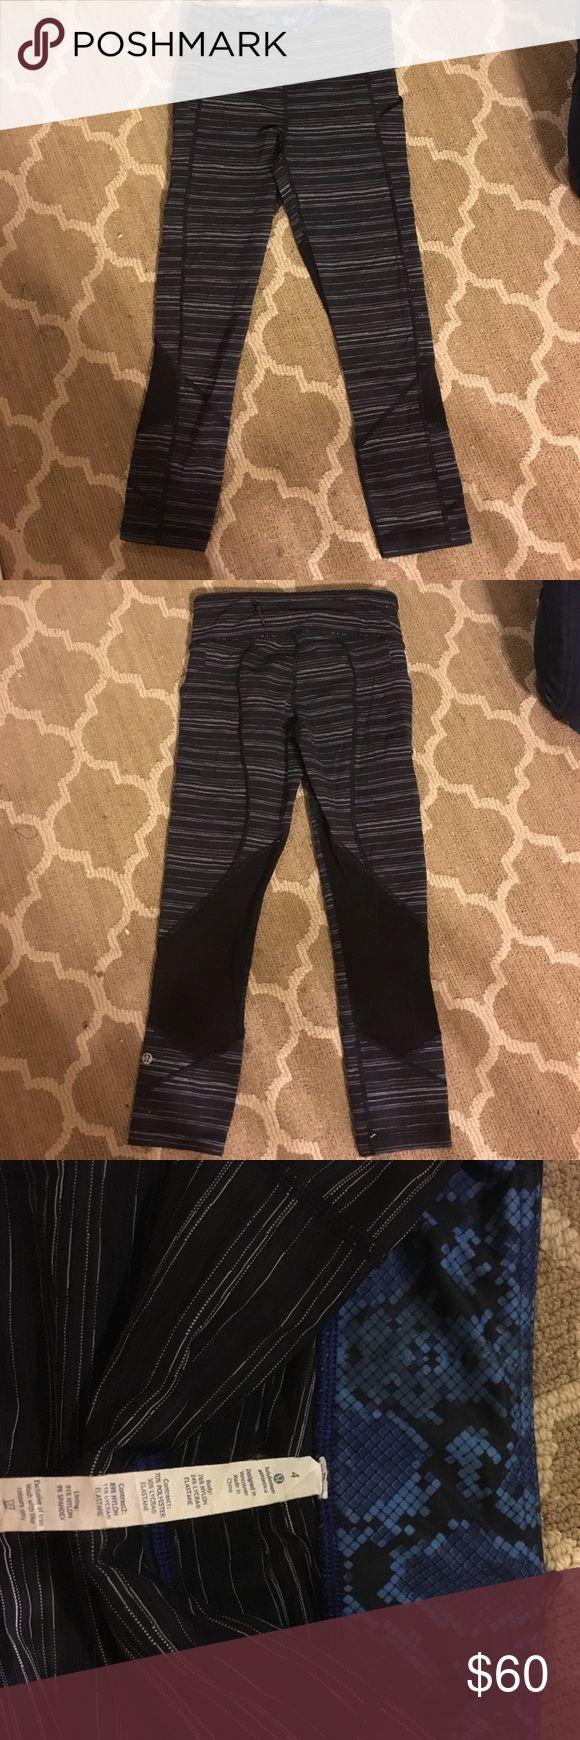 Lululemom leggings SALE Athletic lululemon leggings, size 4 lululemon athletica Pants Leggings